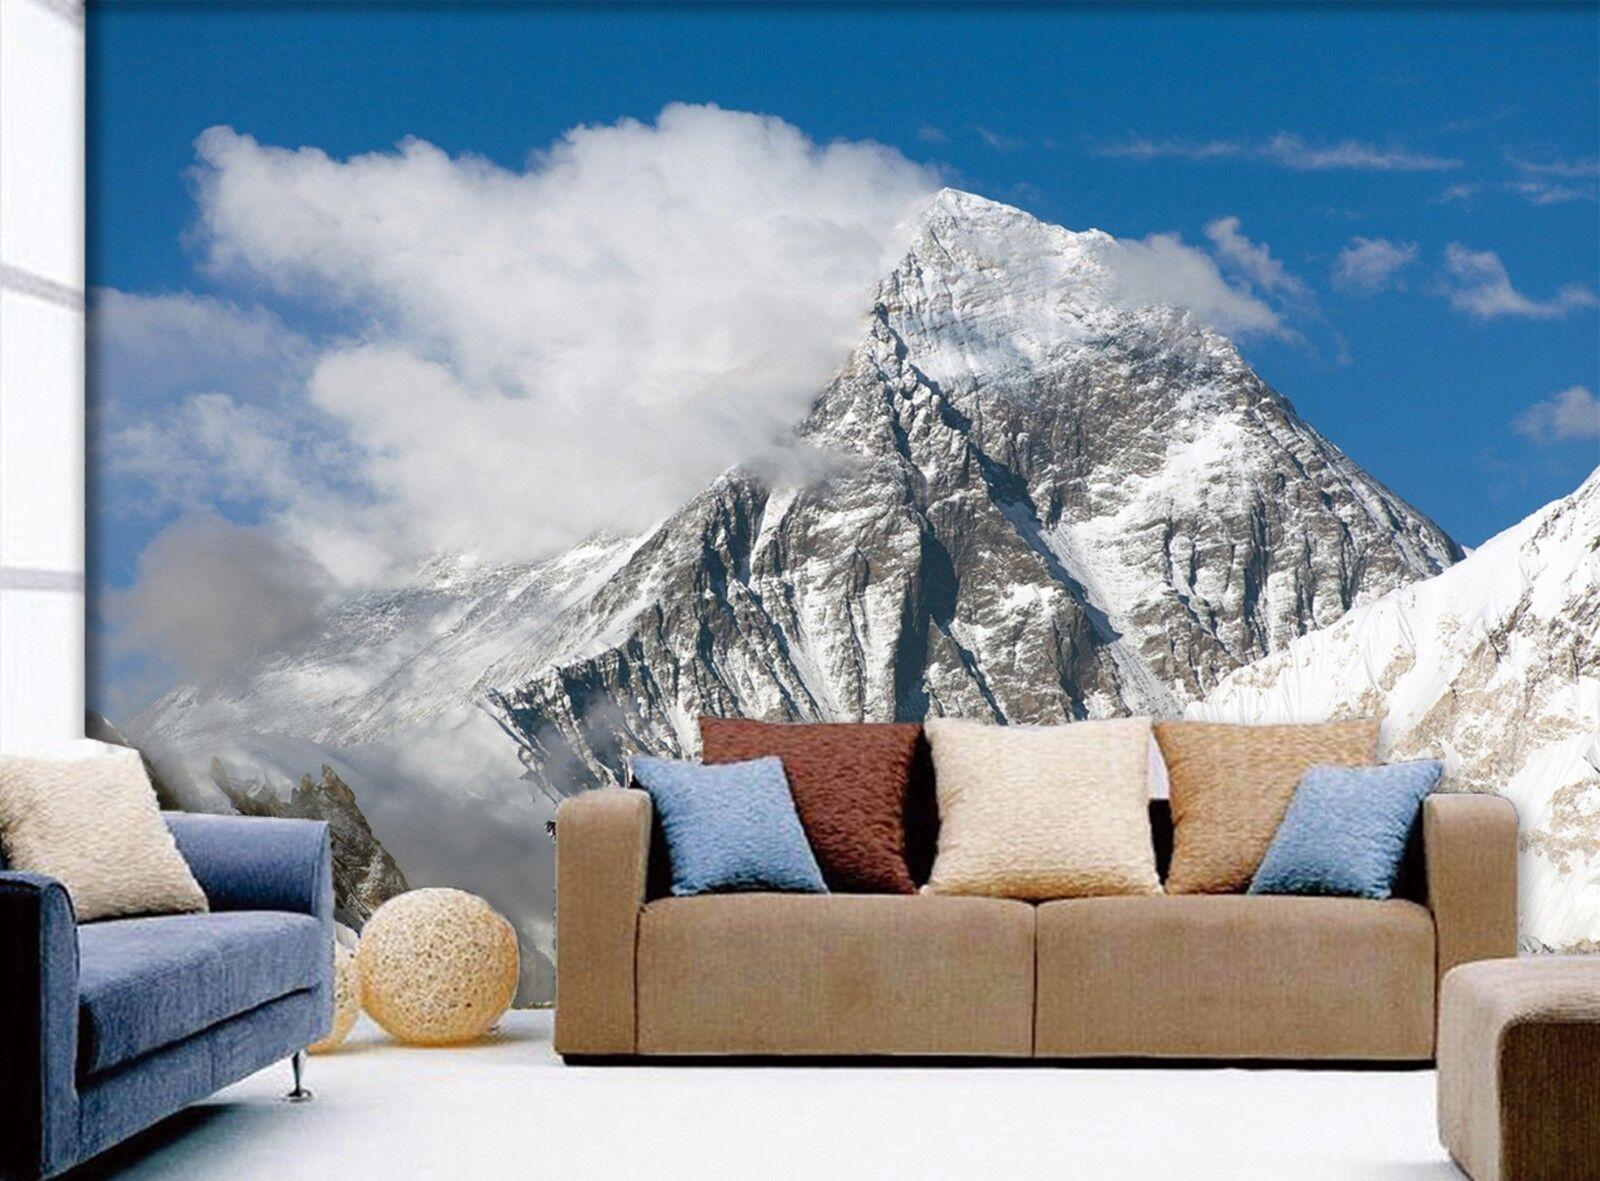 3D Clouds Snow Mountain 724 Wallpaper Mural Paper Wall Print Wallpaper Murals UK